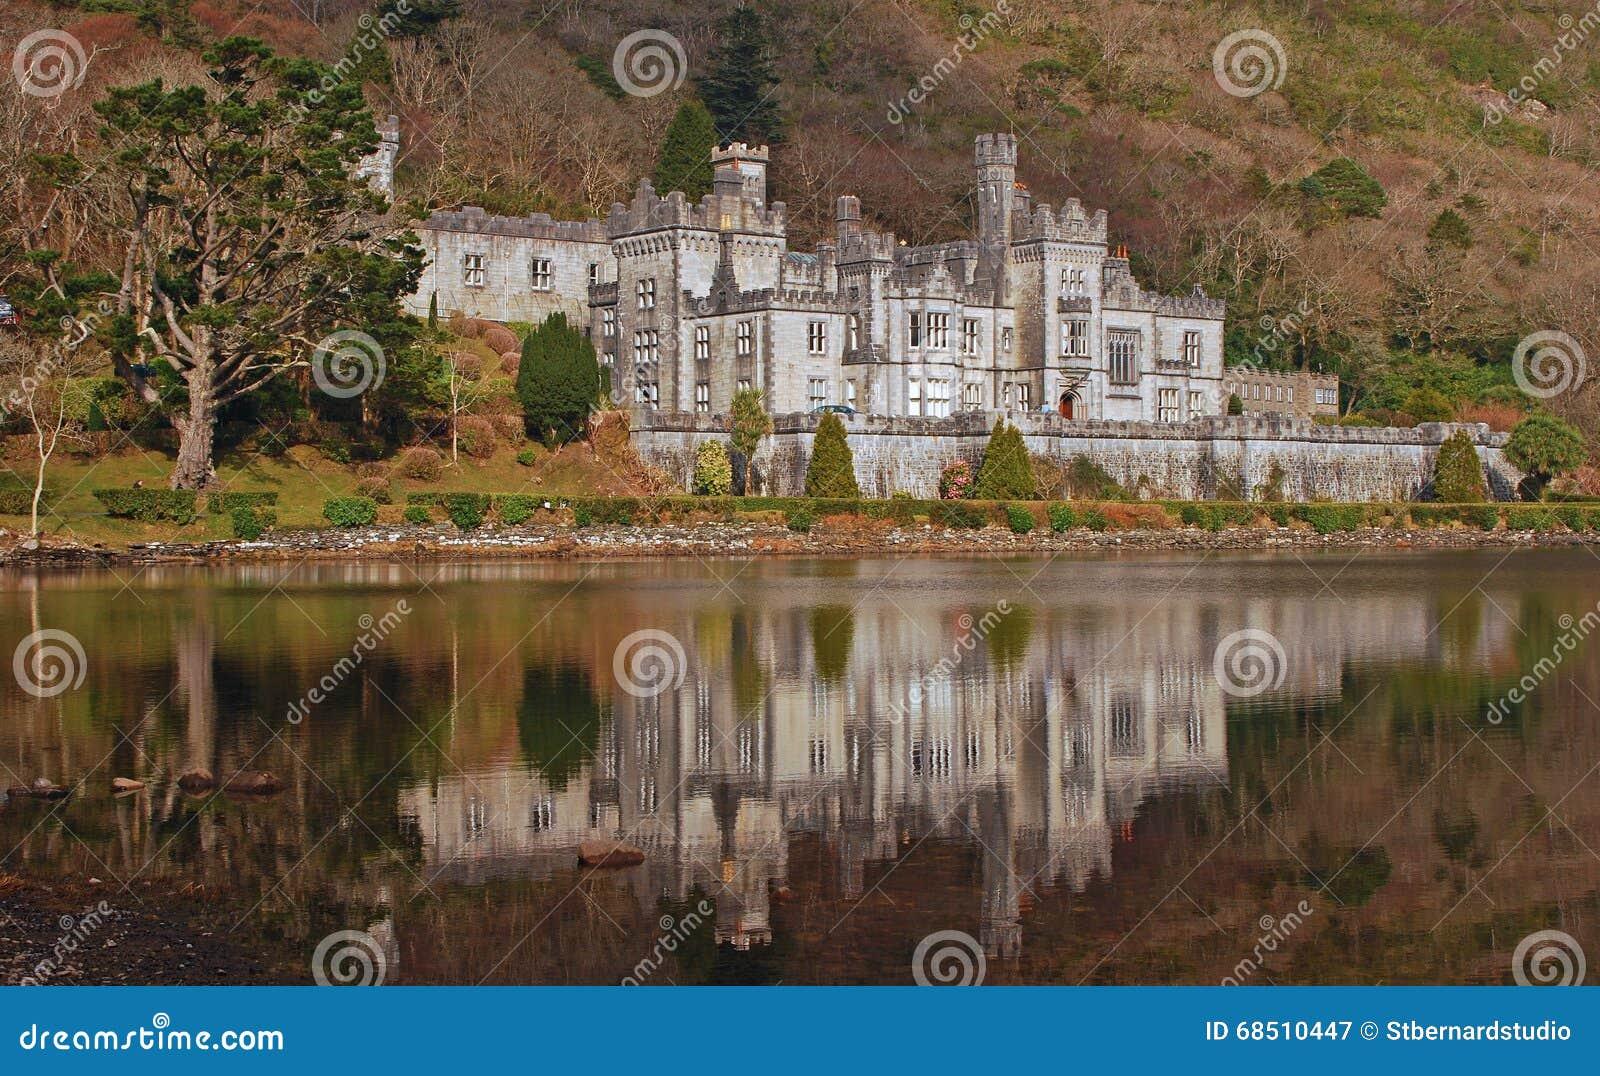 Kylemore-Schloss in Irland mit ruhiger Wasserreflexion